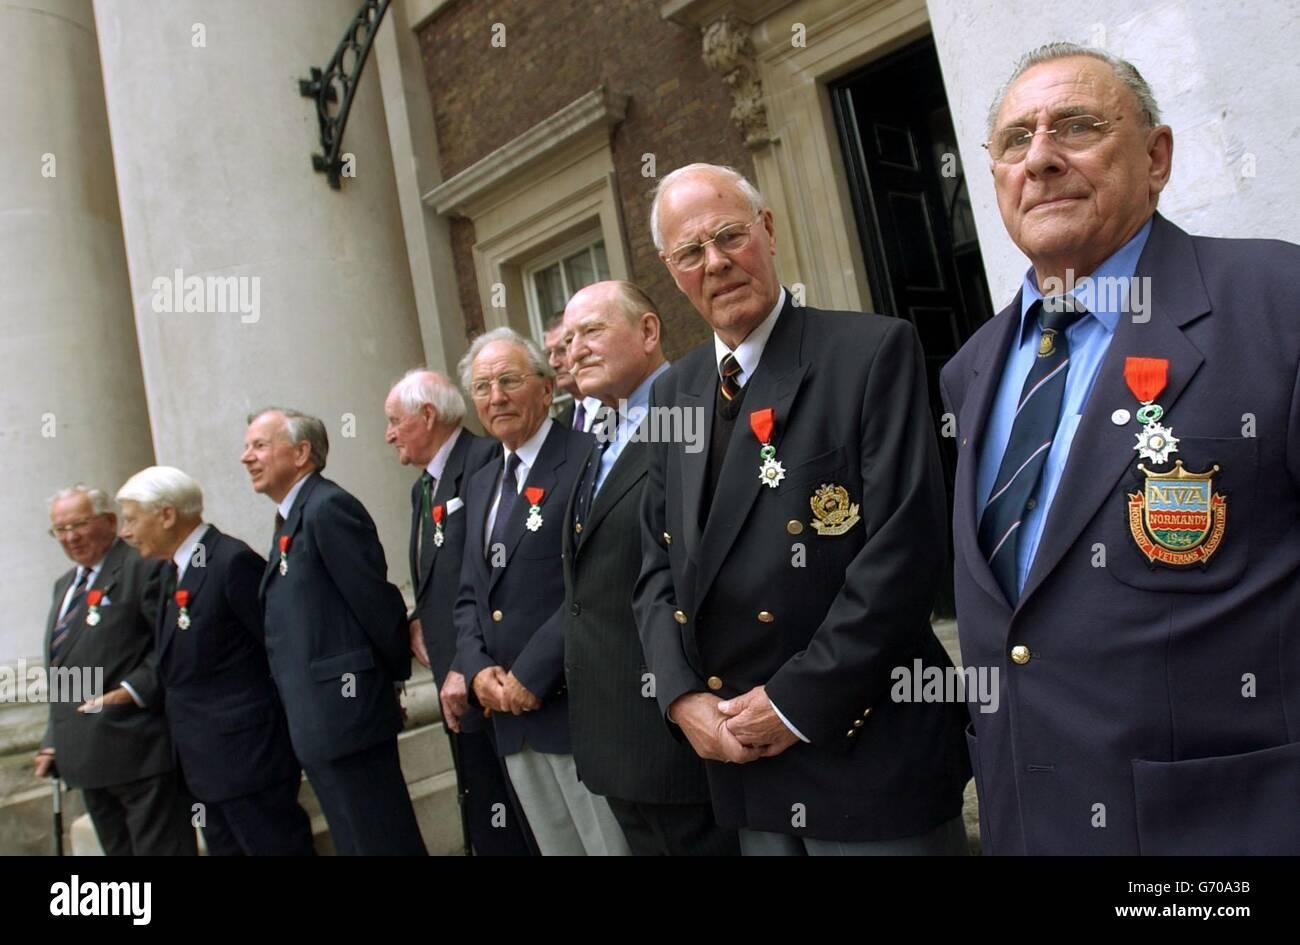 France award l'insigne de la Légion d'Honneur médailles Photo Stock